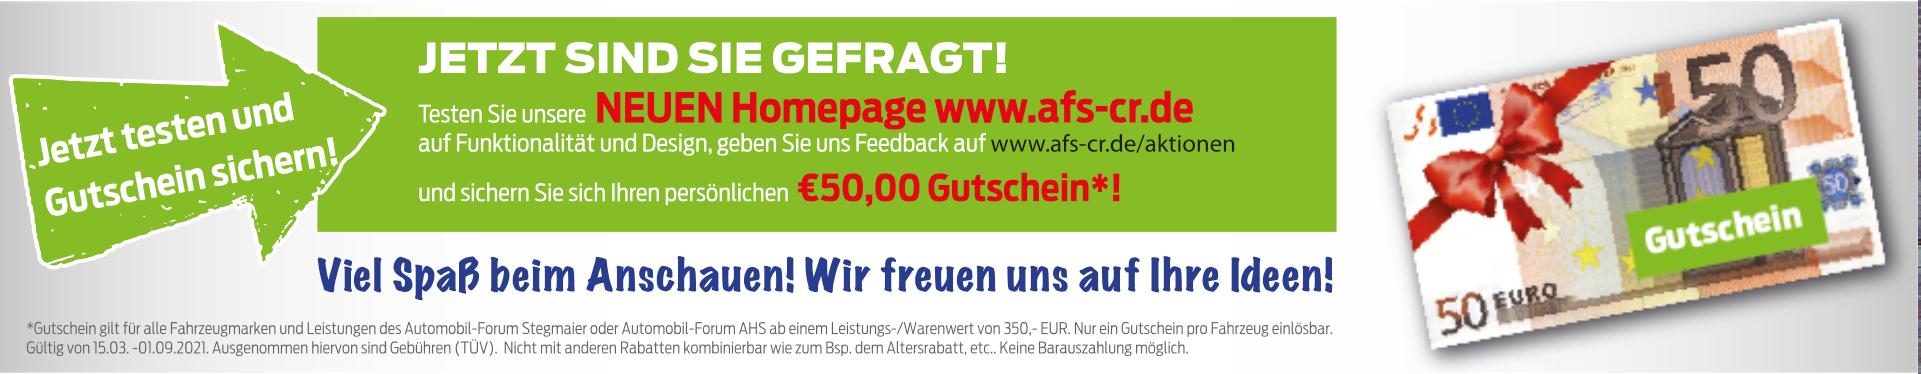 Aktion Homepage Gutschein – Abgelaufen